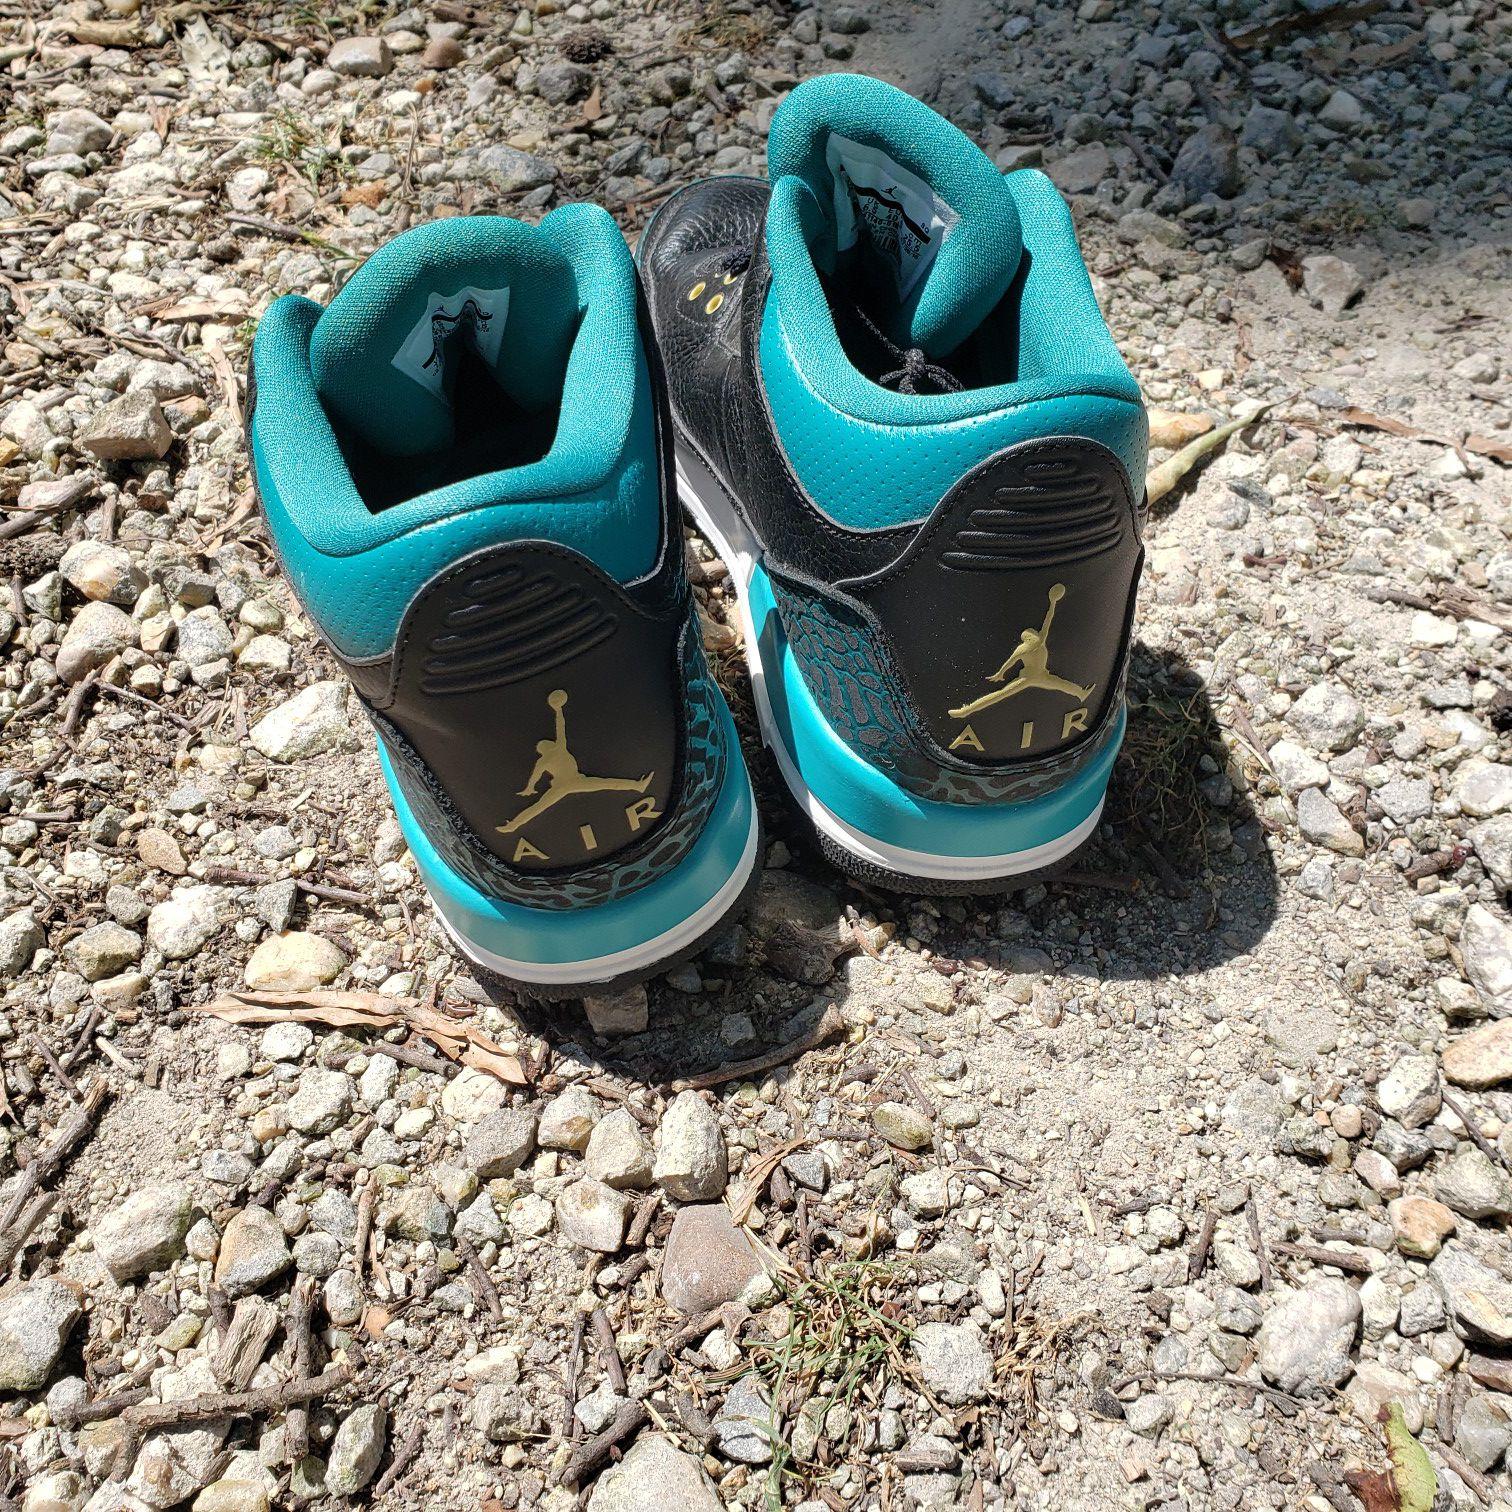 Air Jordan 3s (black & teal)